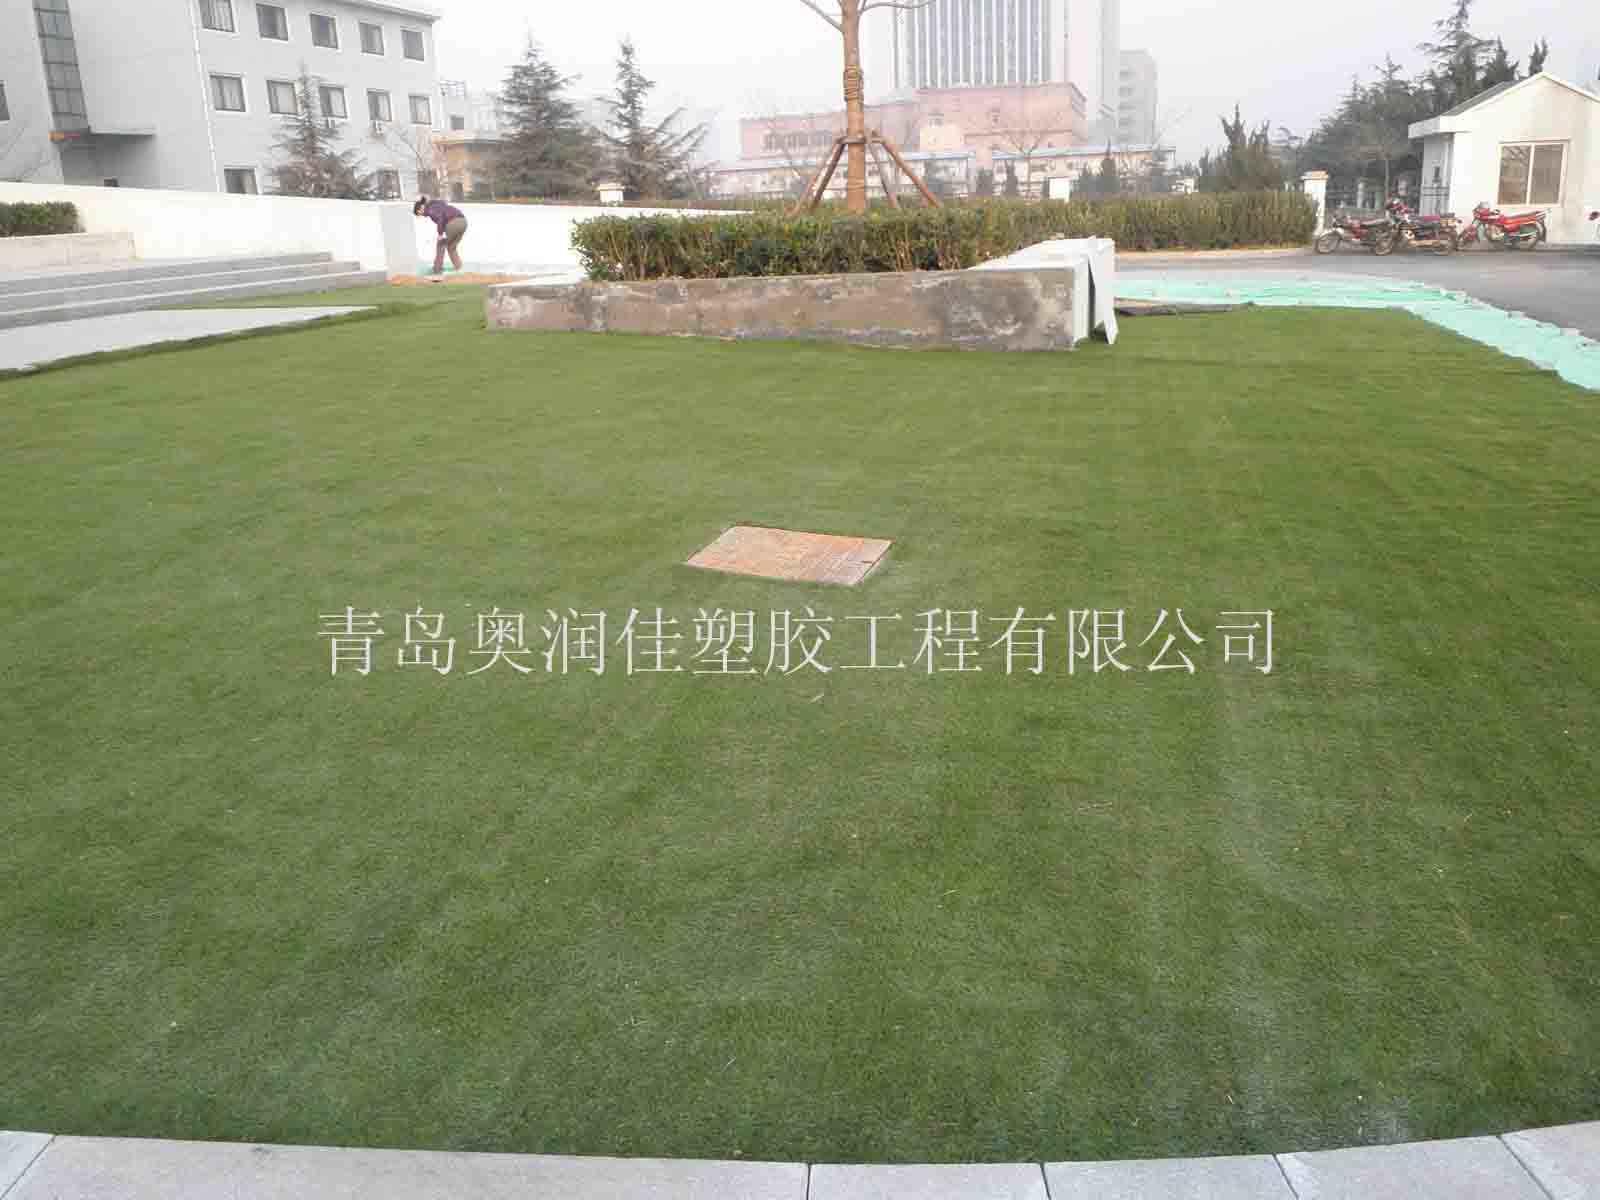 青岛人造草—青岛足球场人造草坪-优质耐用的人造草坪